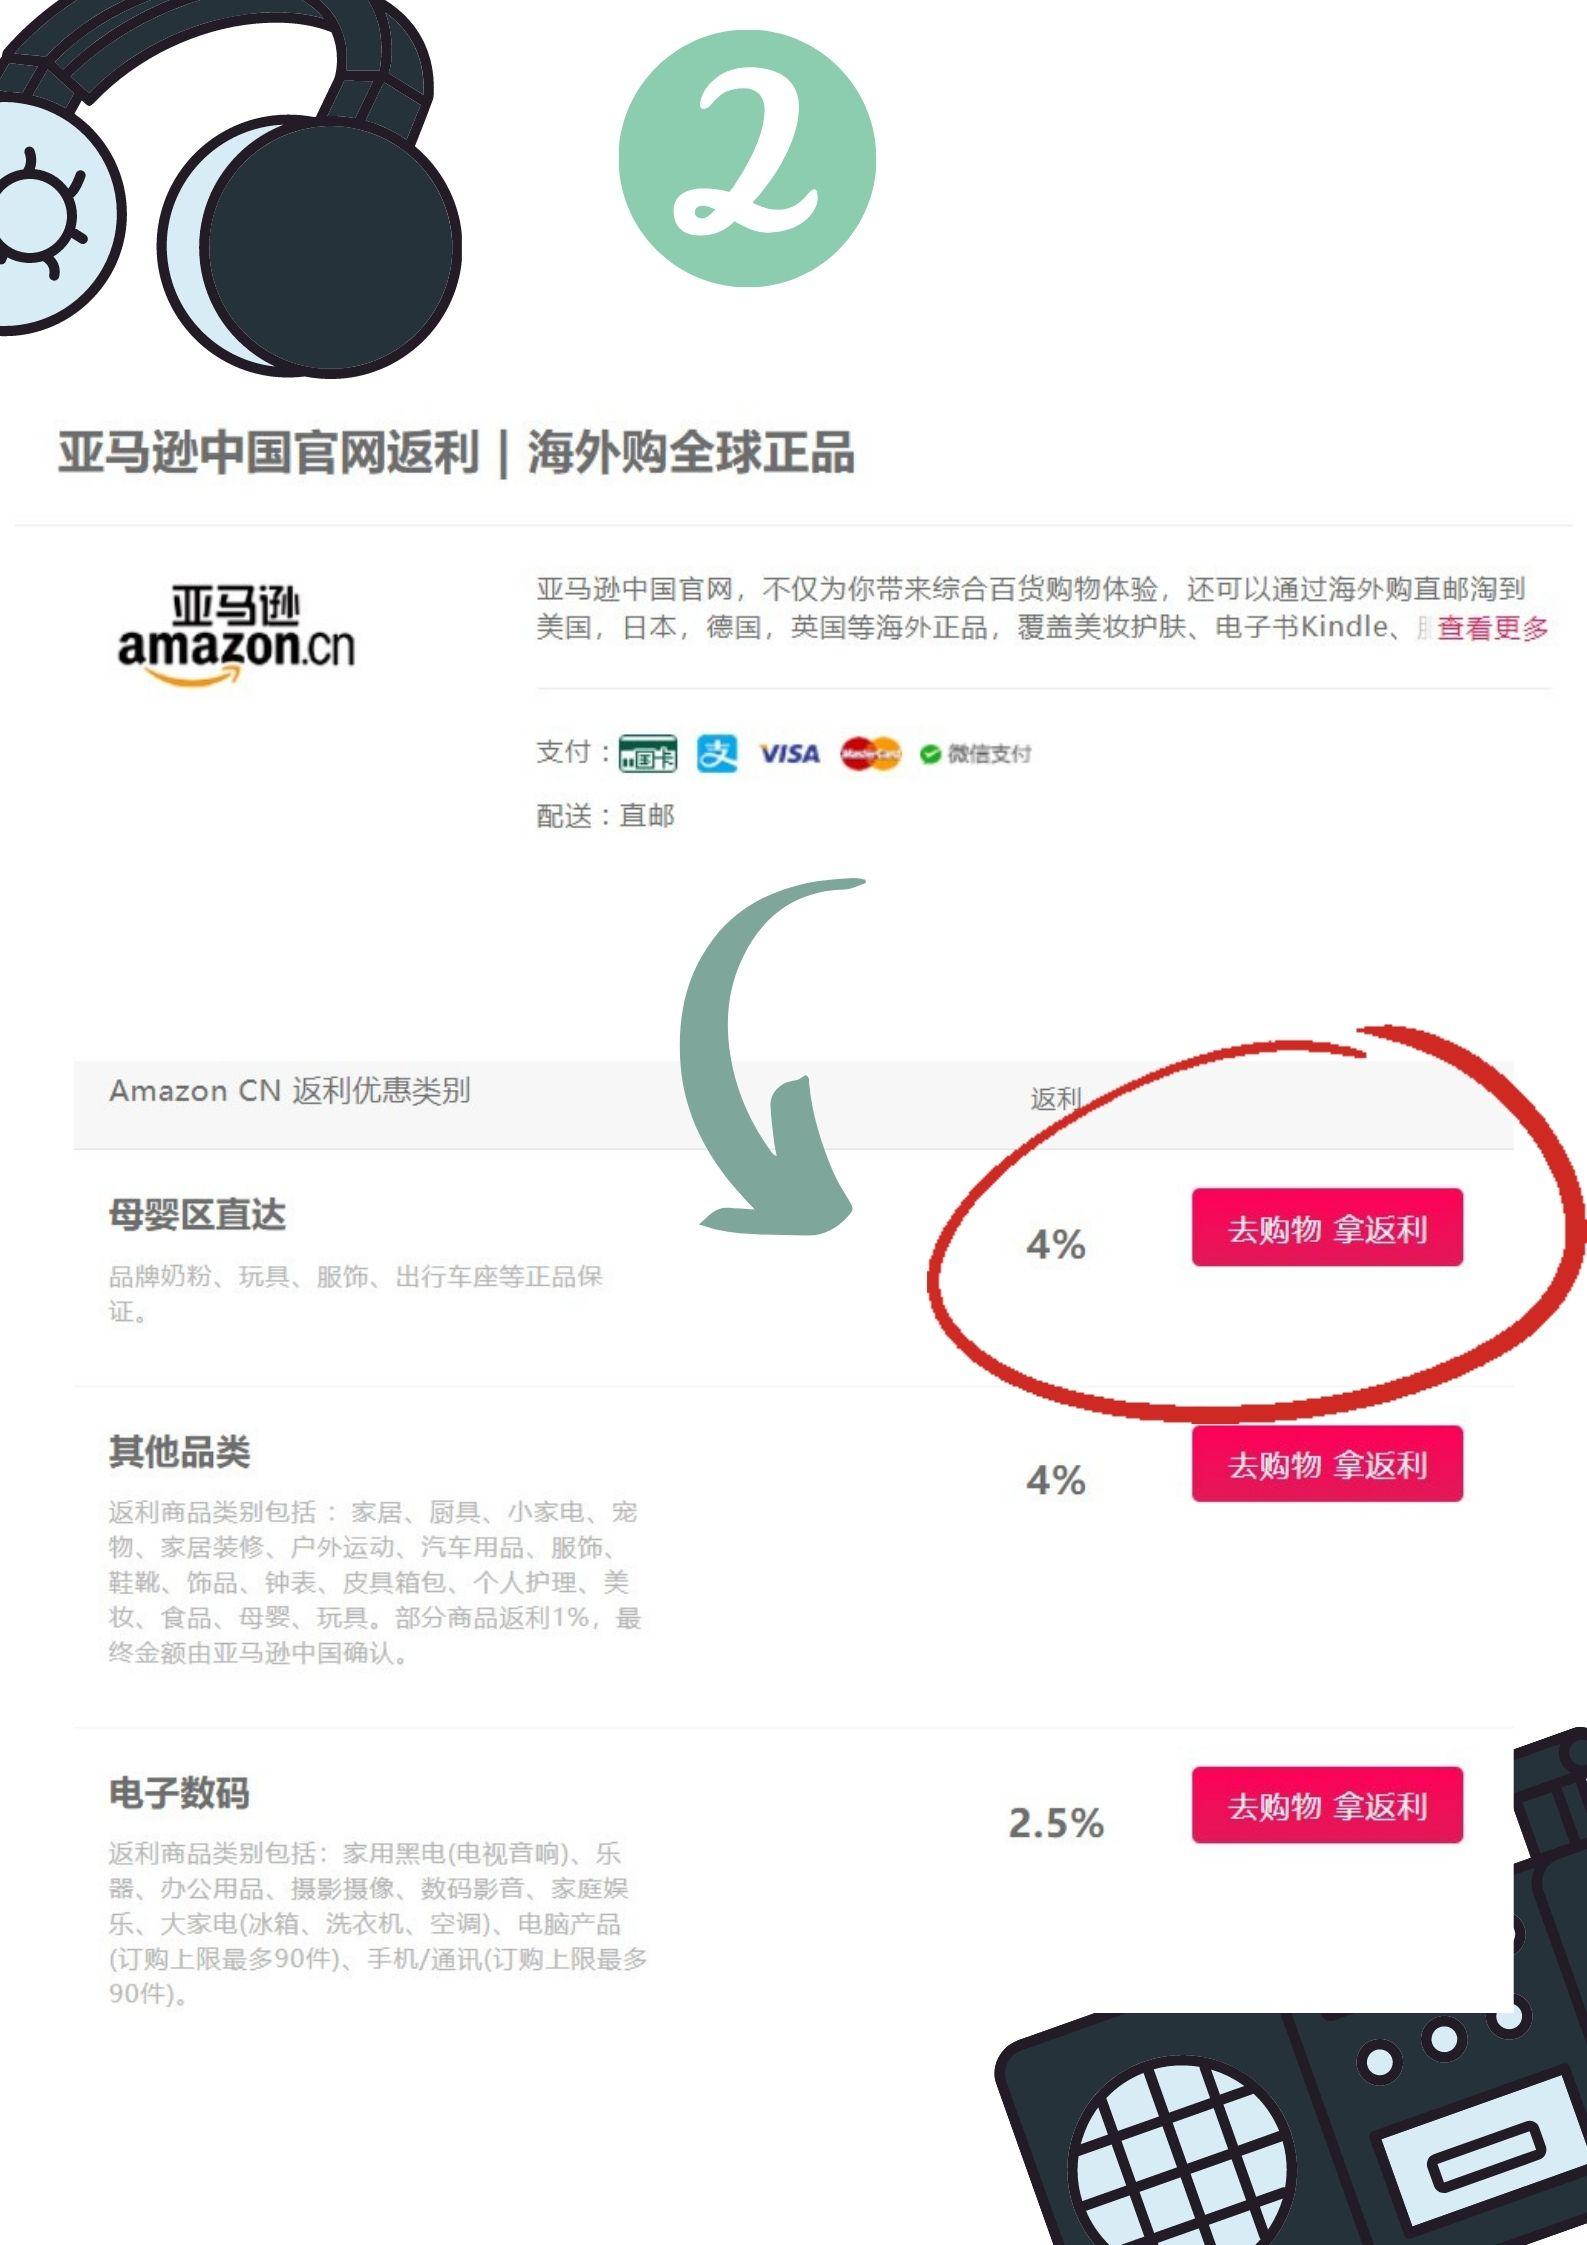 亚马逊海外购返利攻略步骤2:点进亚马逊中国页面,查看亚马逊中国返利详情